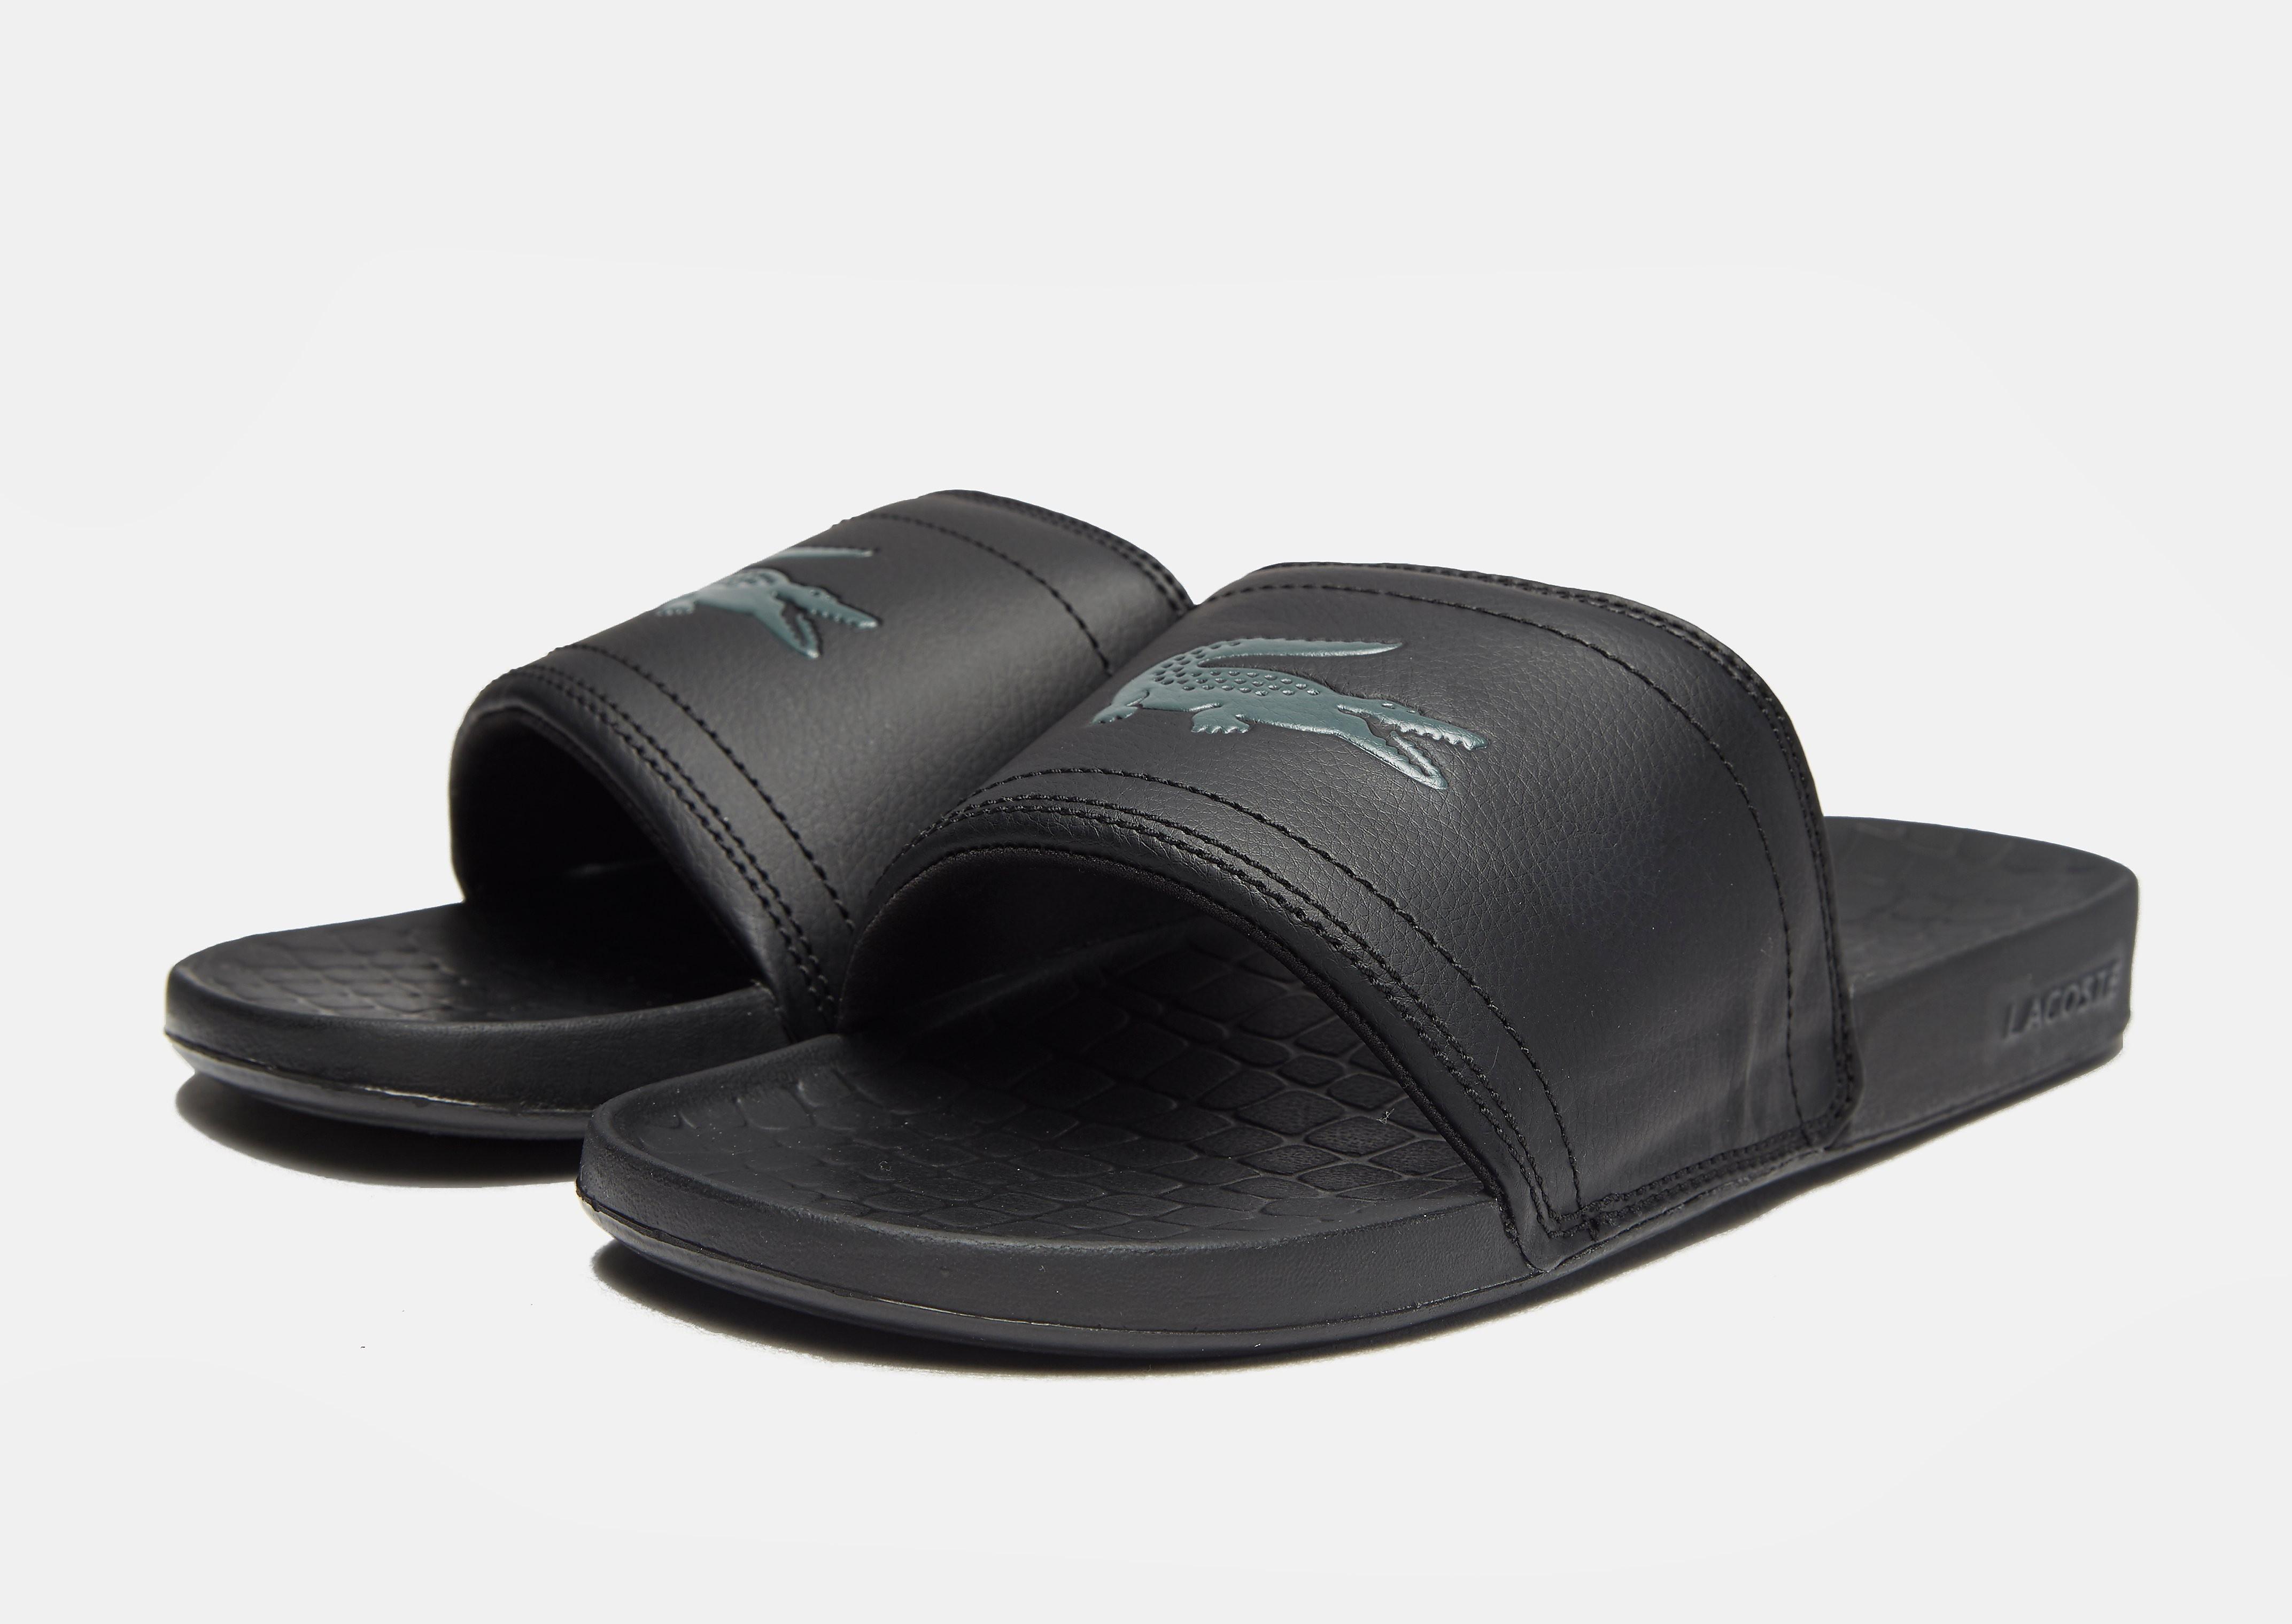 Lacoste Claquettes Homme Noir Coloris Pour Lyst Frasier En Onw08PkX